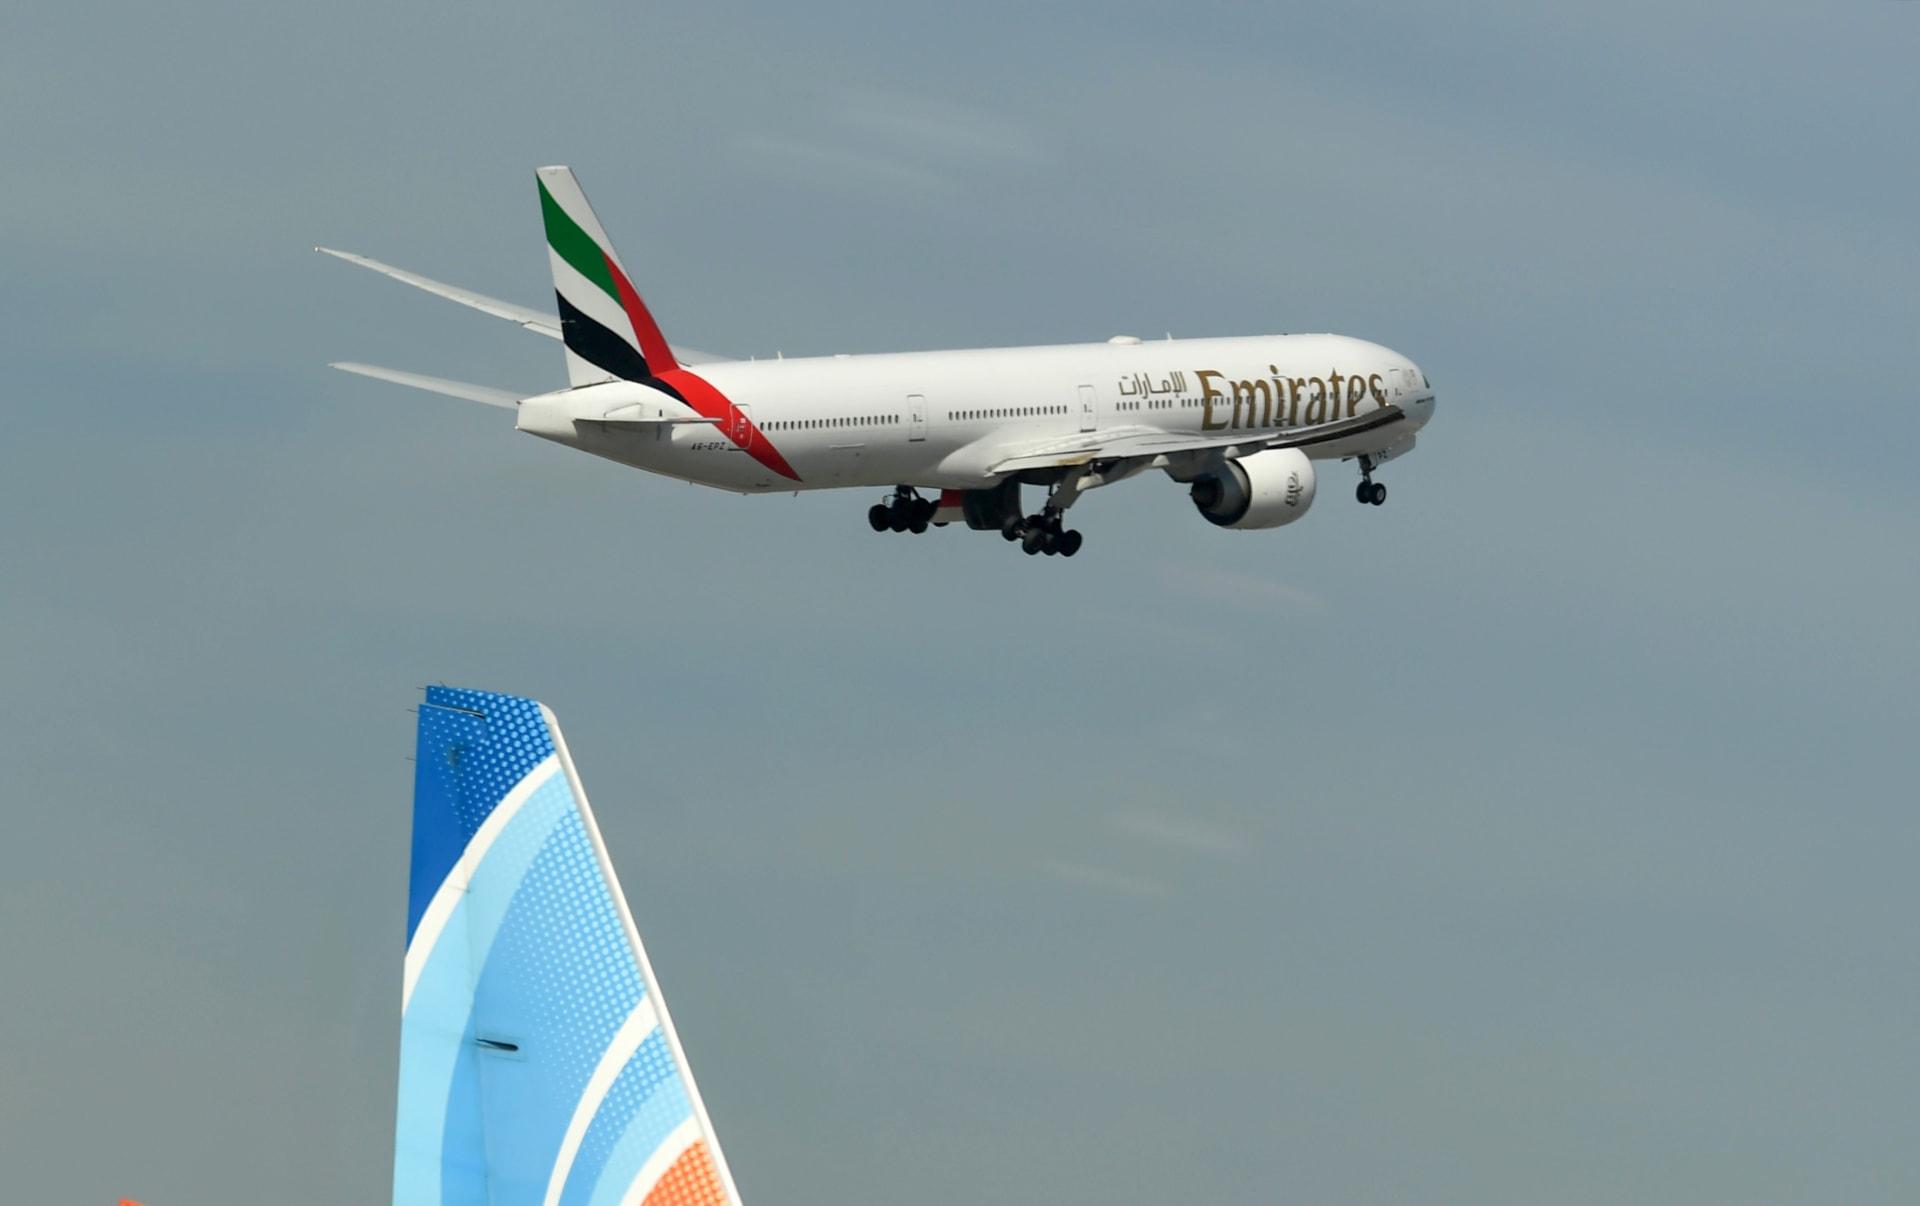 بعد 9 أشهر من تعليقها.. استئناف رحلات الطيران بين الإمارات وتركيا